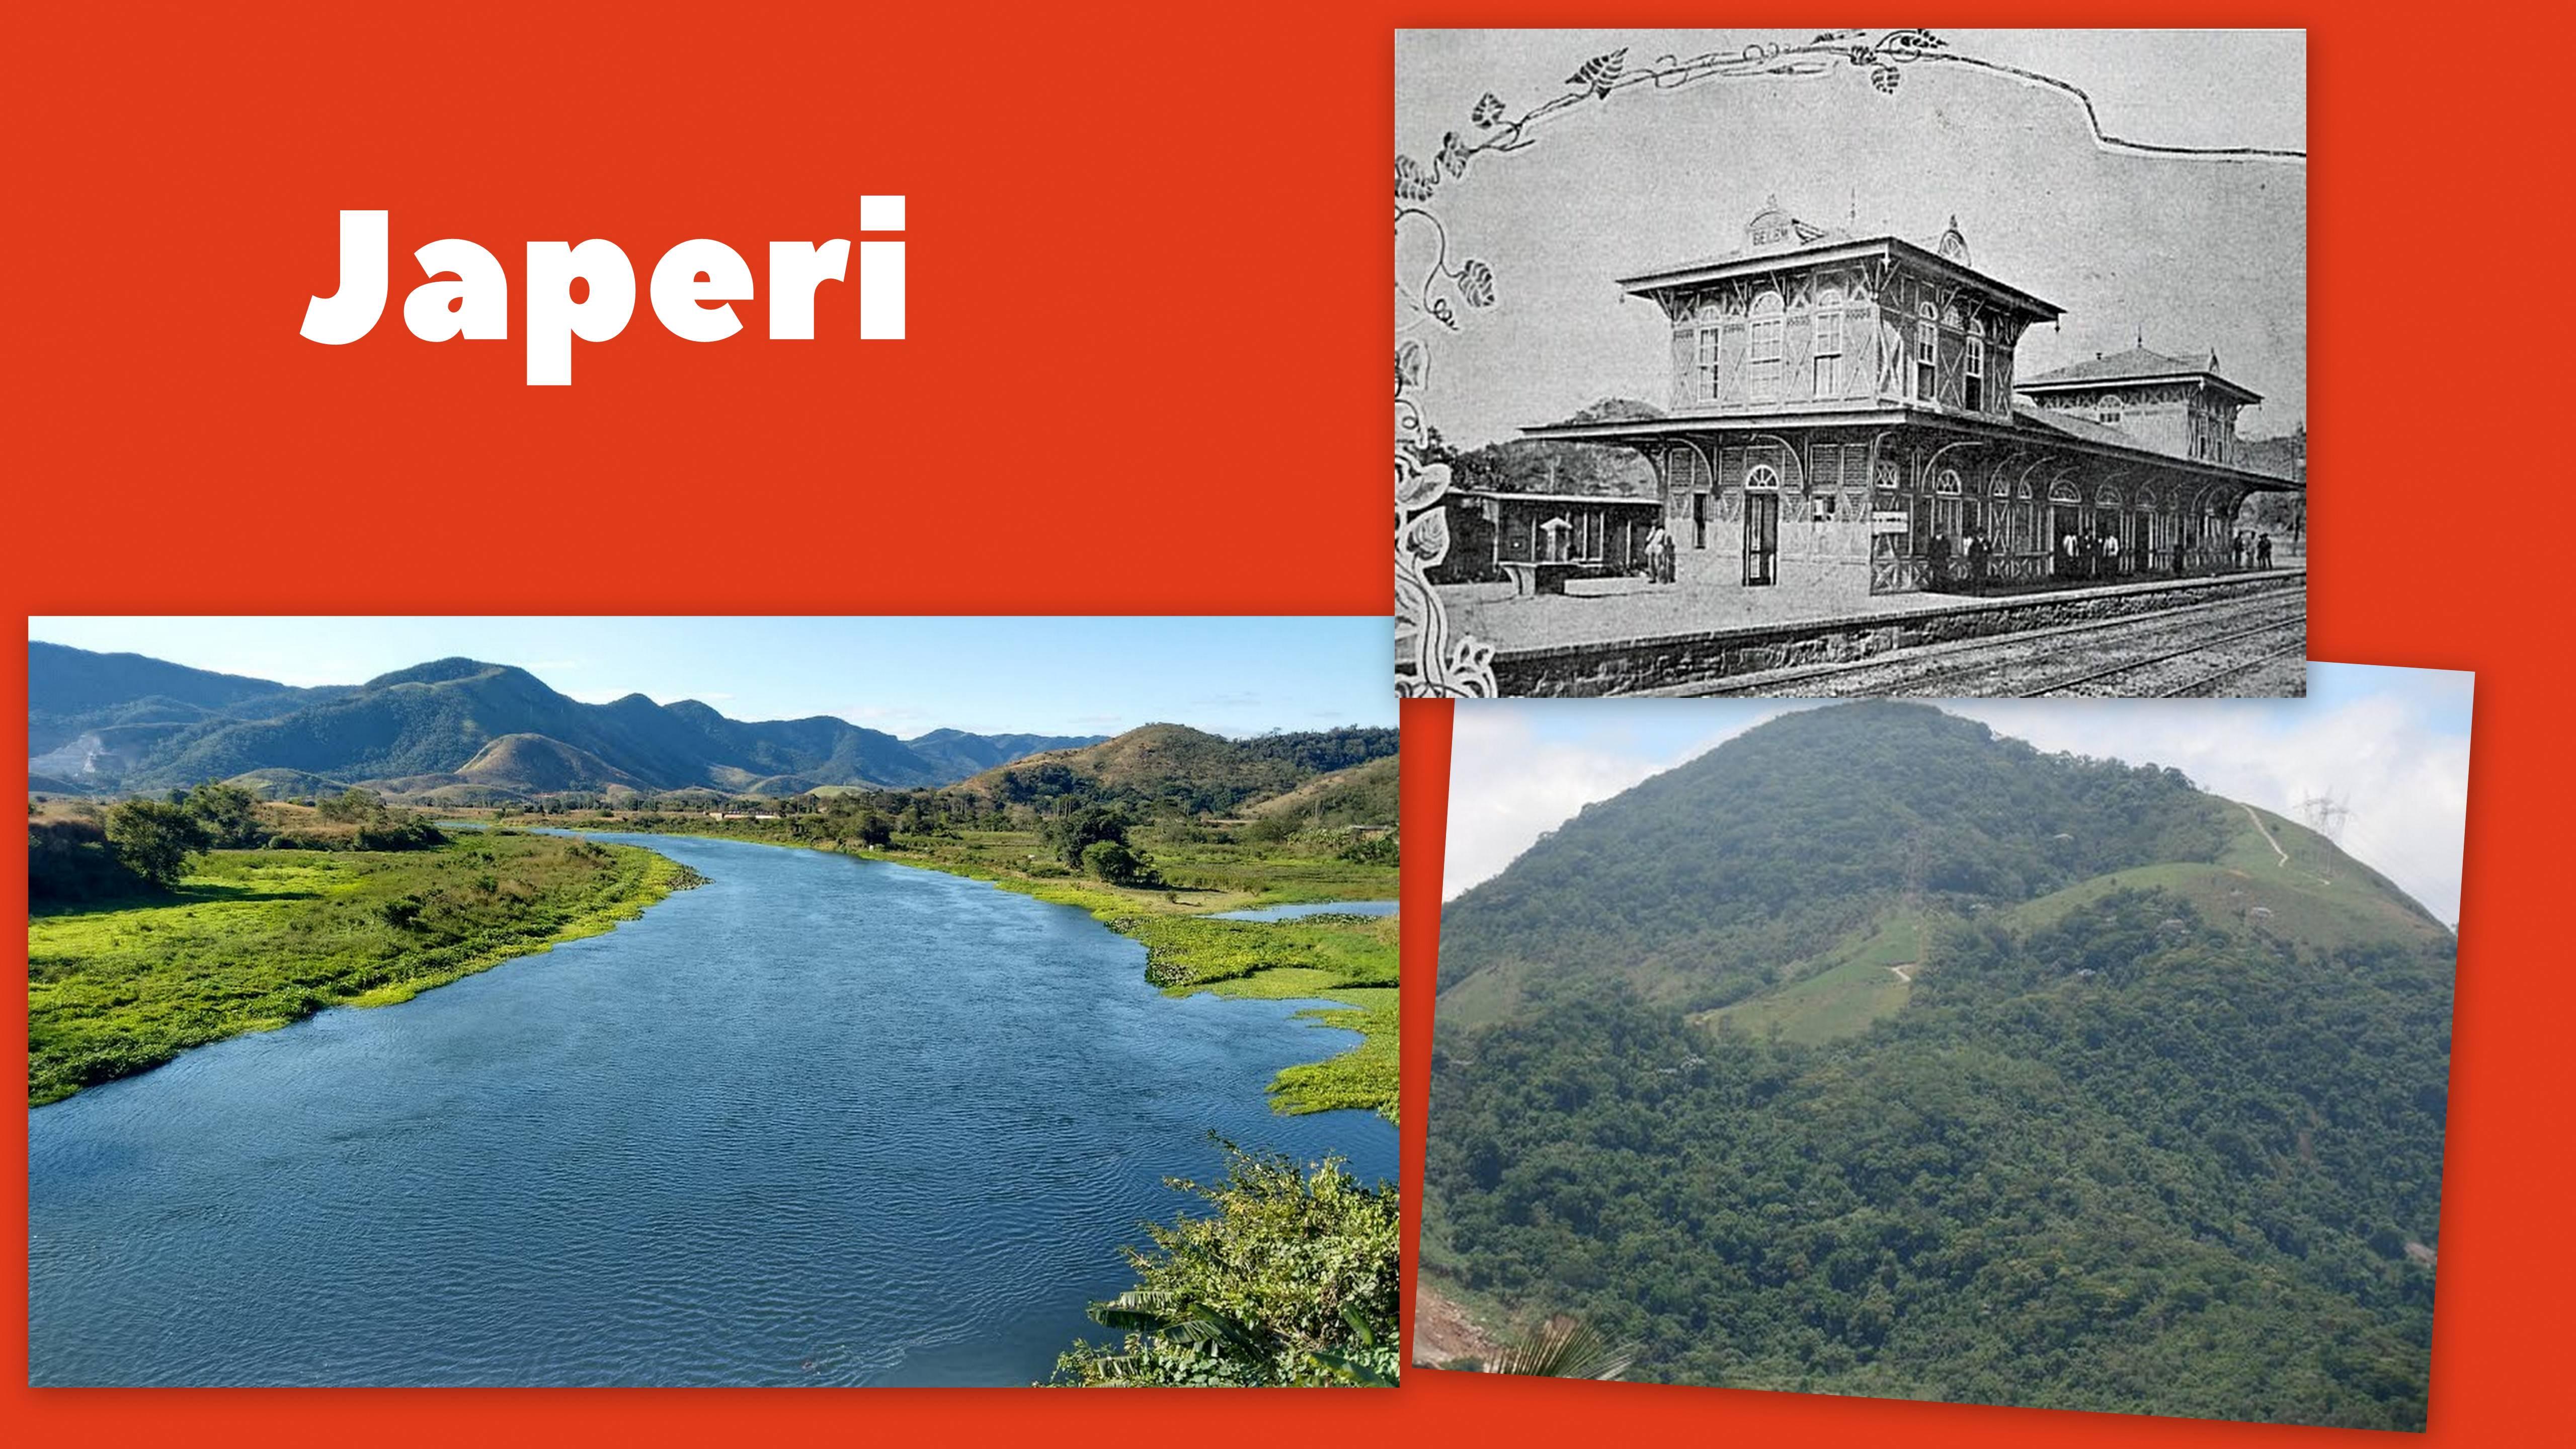 Fotos: Reprodução; Mapio; Trip Advisor